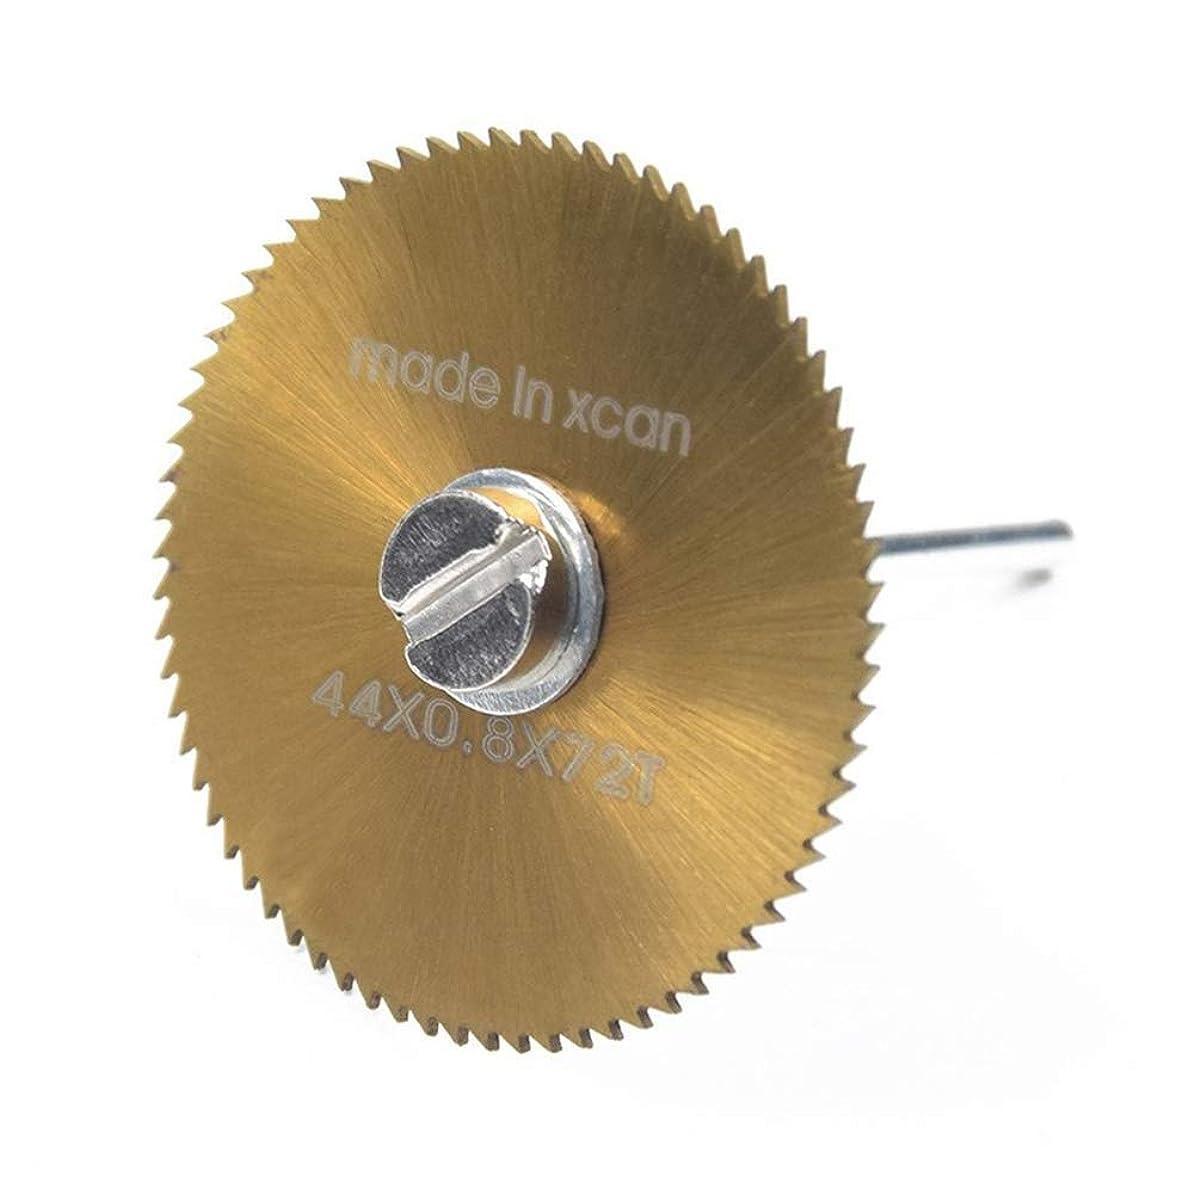 嫌なロボット従順YYG-YYG 高速鋼ソーブレードシンスモールゴールドチタン6セットのプラスチック製の切削工具電気研削ブリスターキットカット木工包装 鋸刃